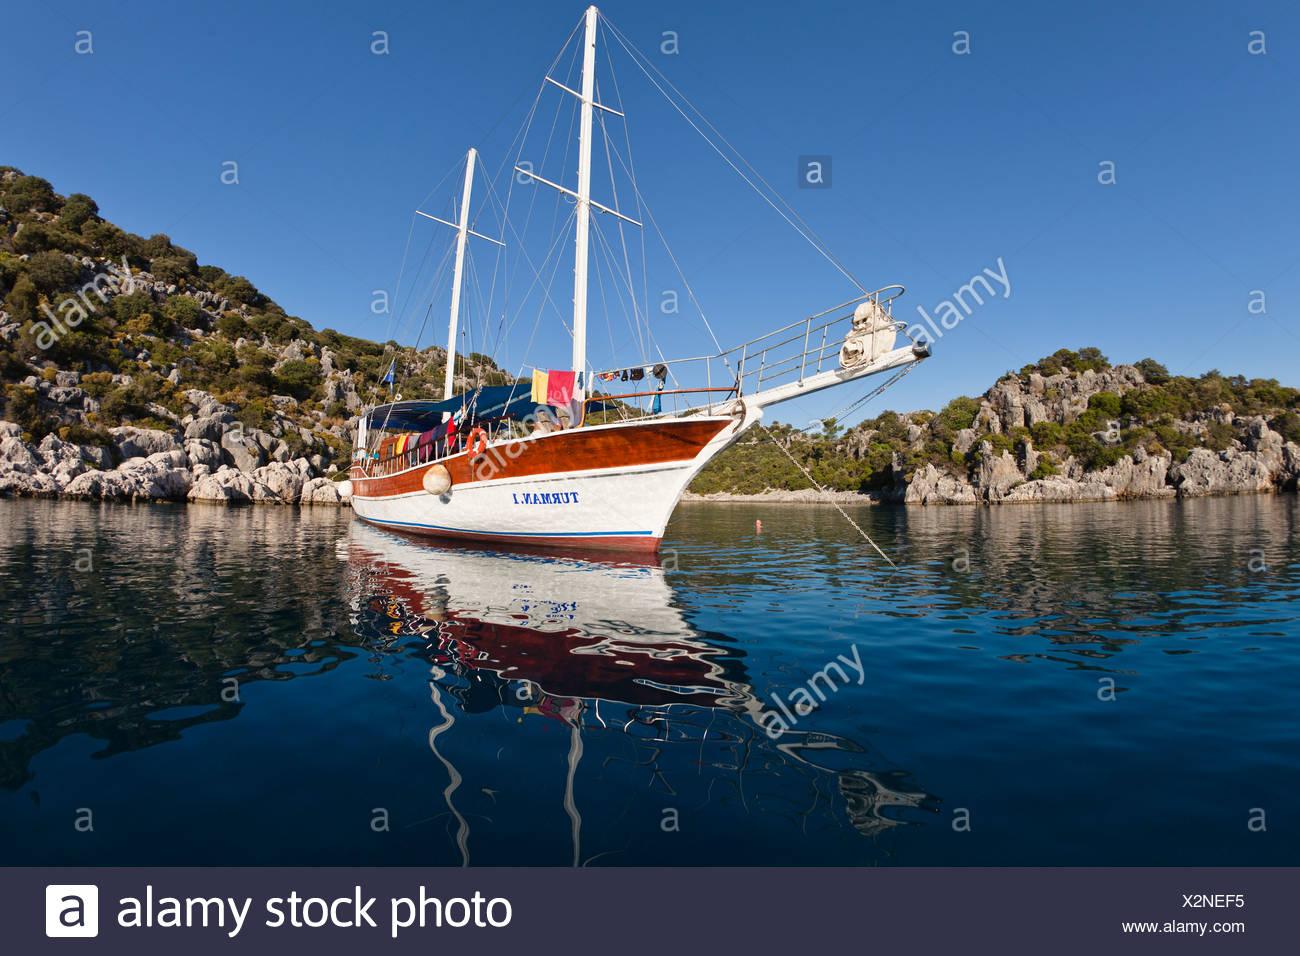 Velero anclado en una bahía, navegando a lo largo de la costa de Licio, Licia, el Mar Mediterráneo, Turquía, Asia Menor Imagen De Stock